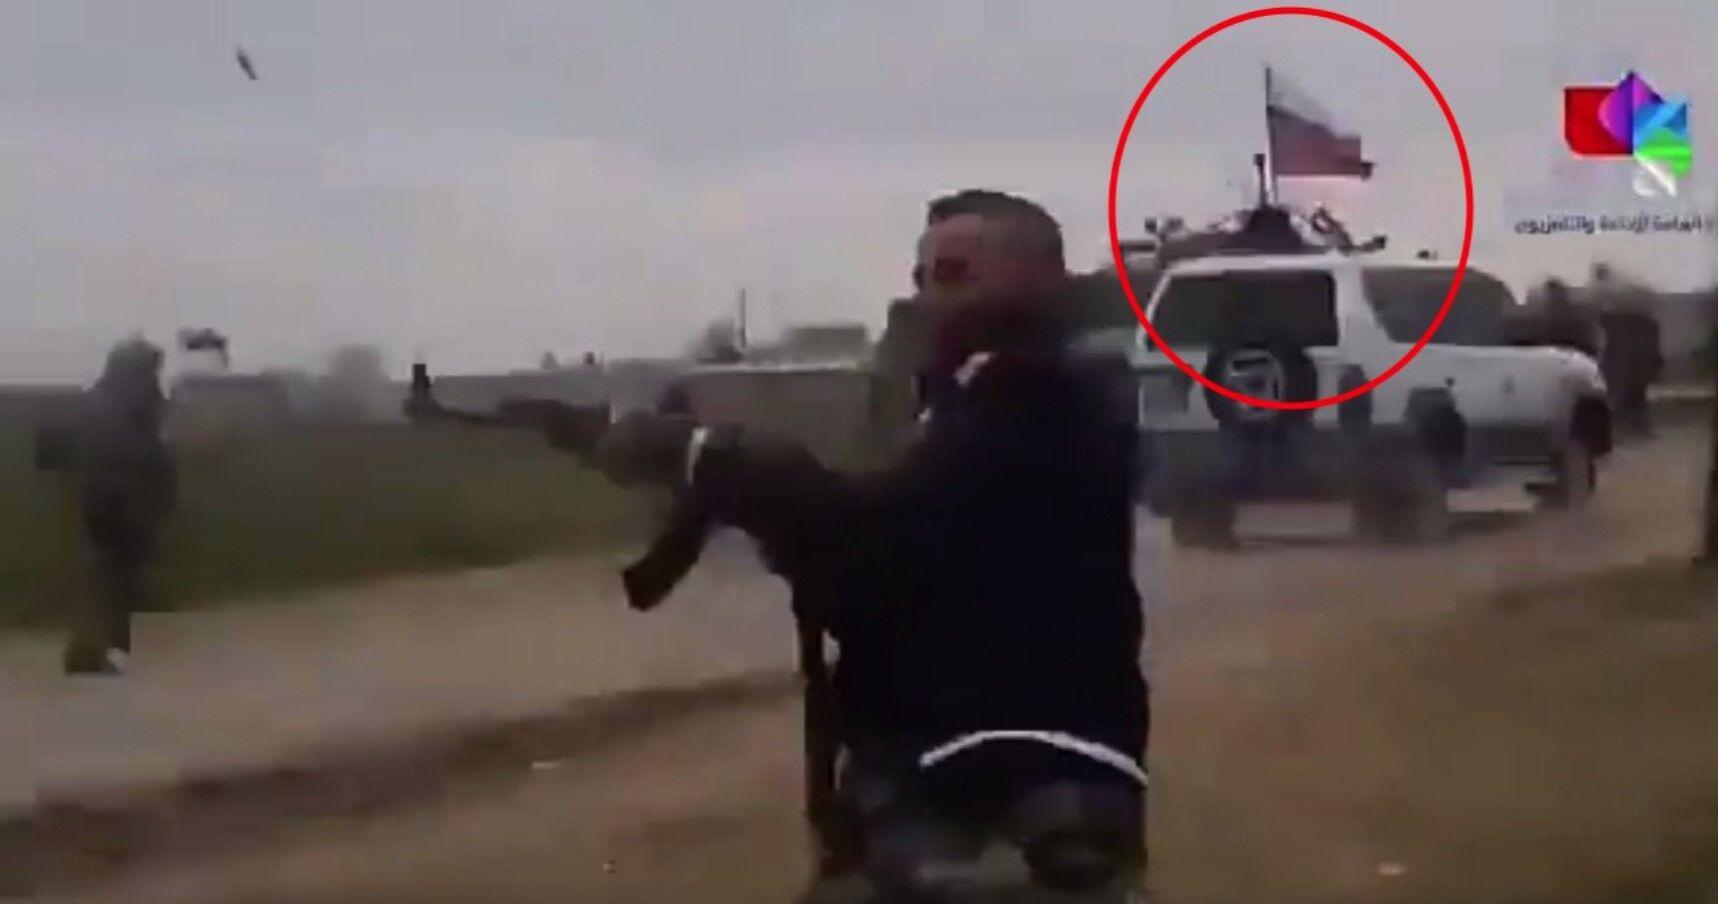 Силы Асада напали на патрули США в Сирии: американцы ответили с воздуха. Фото и видео